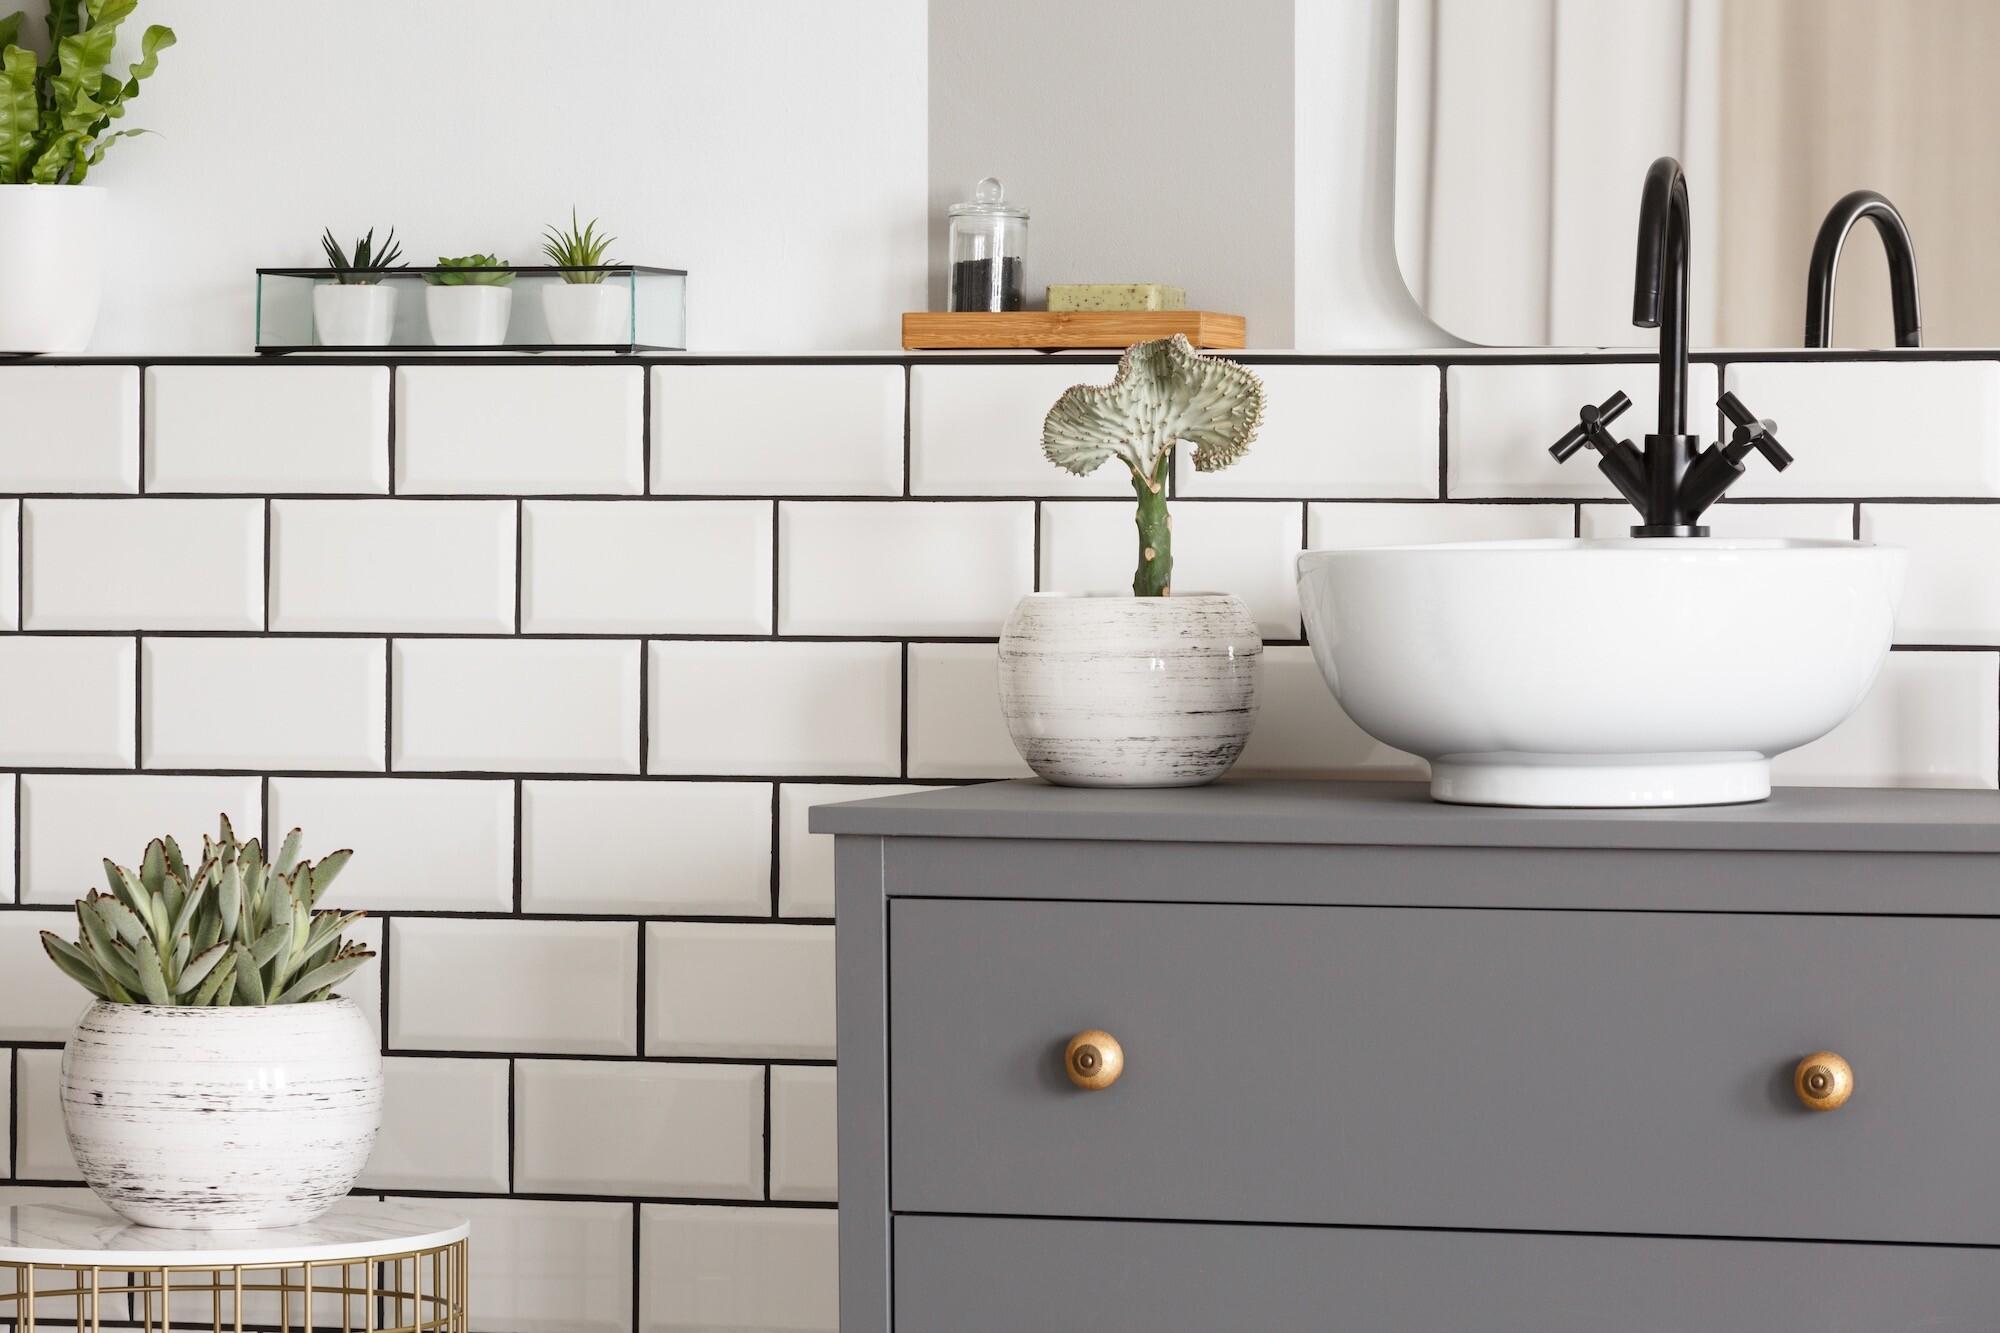 современный ремонт в ванной комнате в хрущевке идеи дизайна